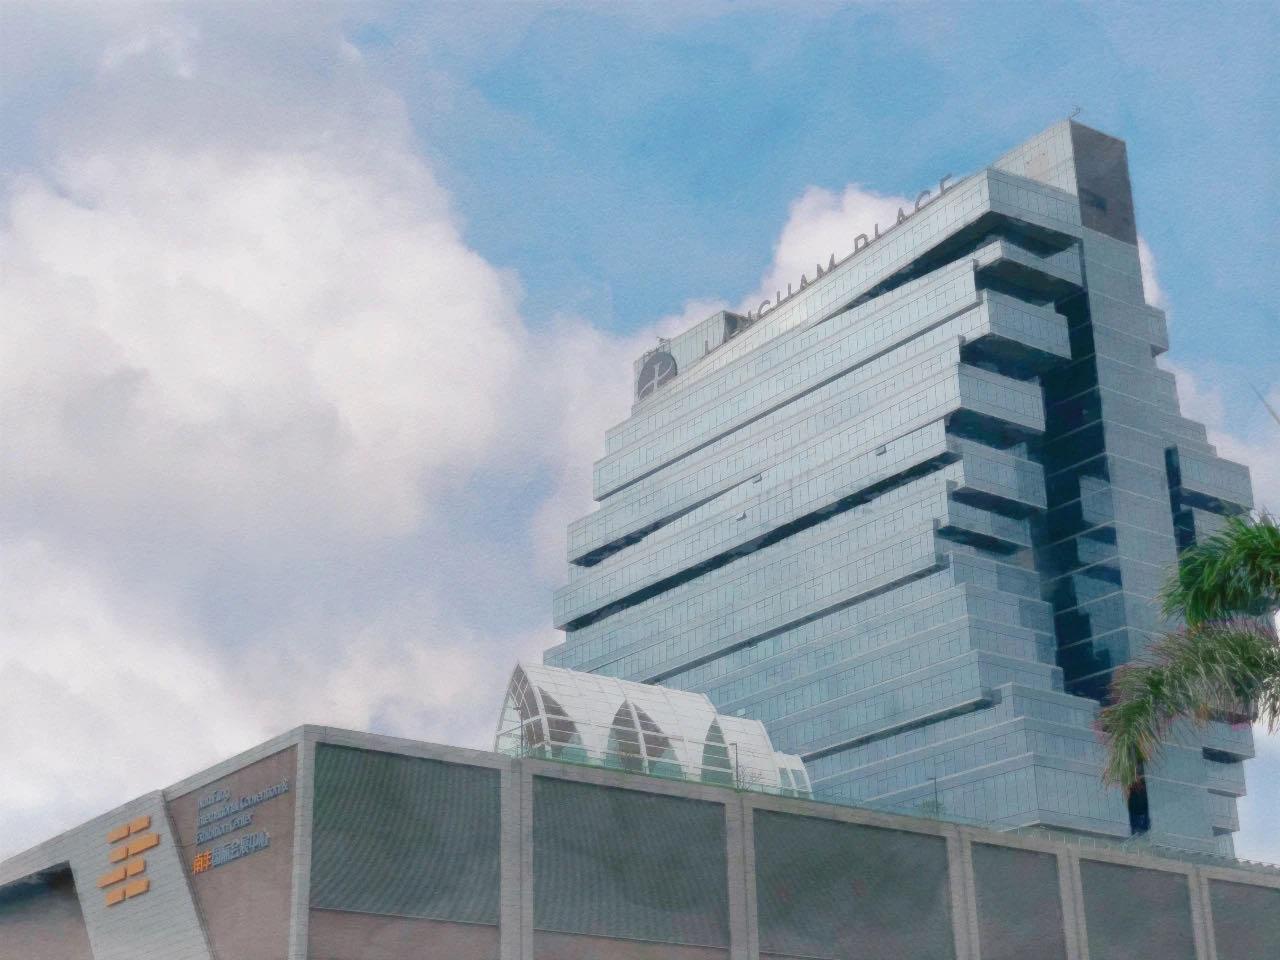 广州南丰朗豪酒店   The Langham Place, Guangzhou